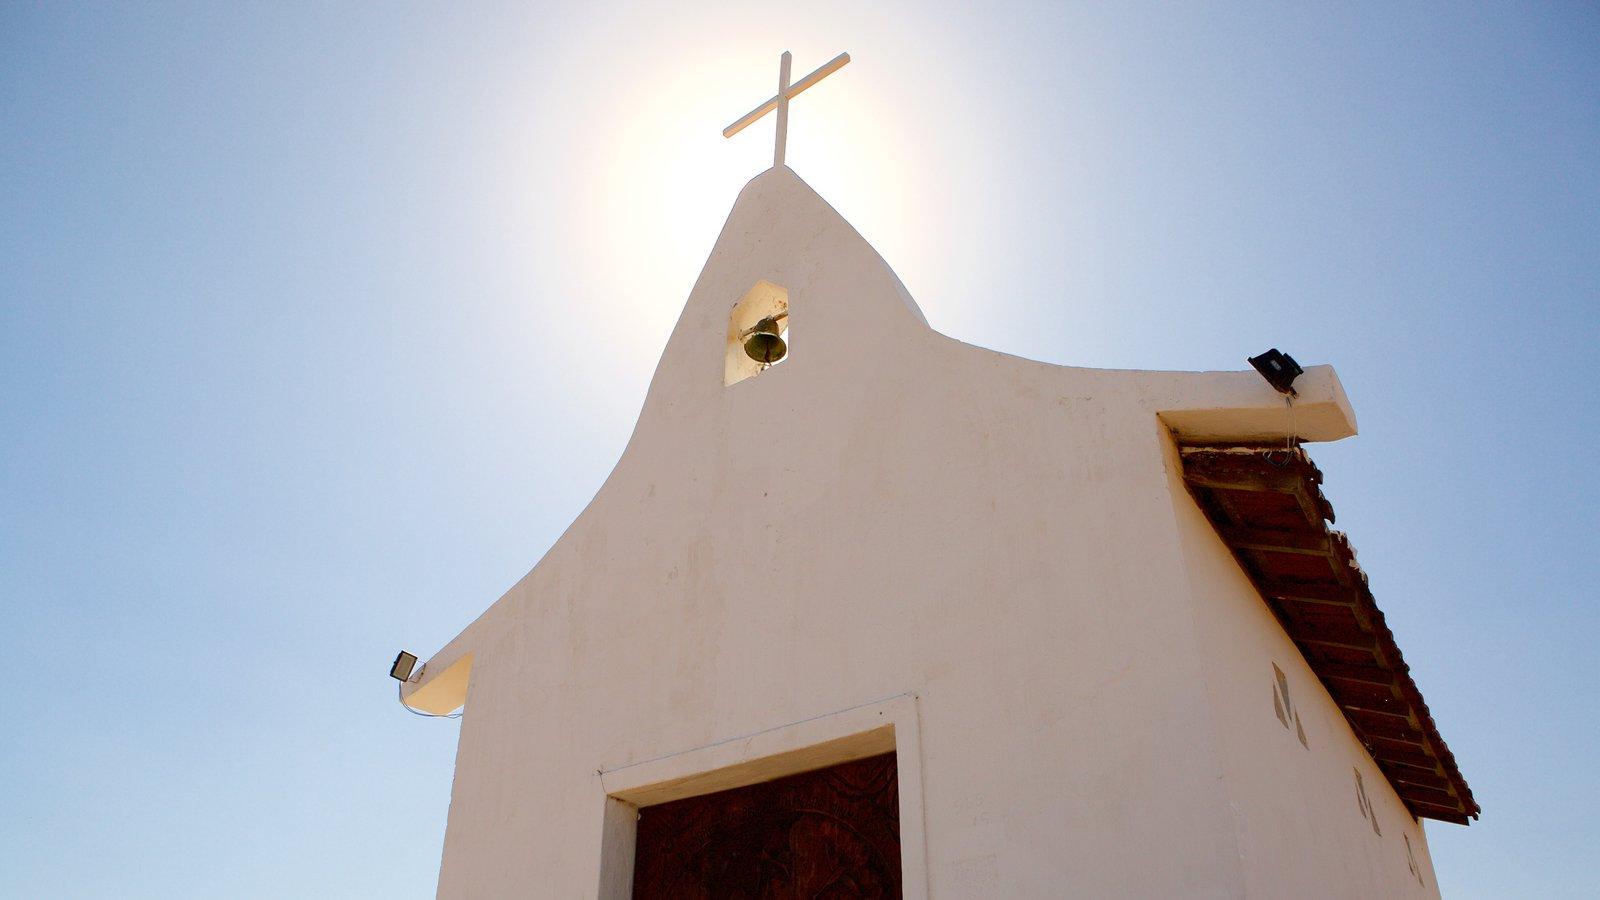 Capela de São Pedro caracterizando uma igreja ou catedral e aspectos religiosos